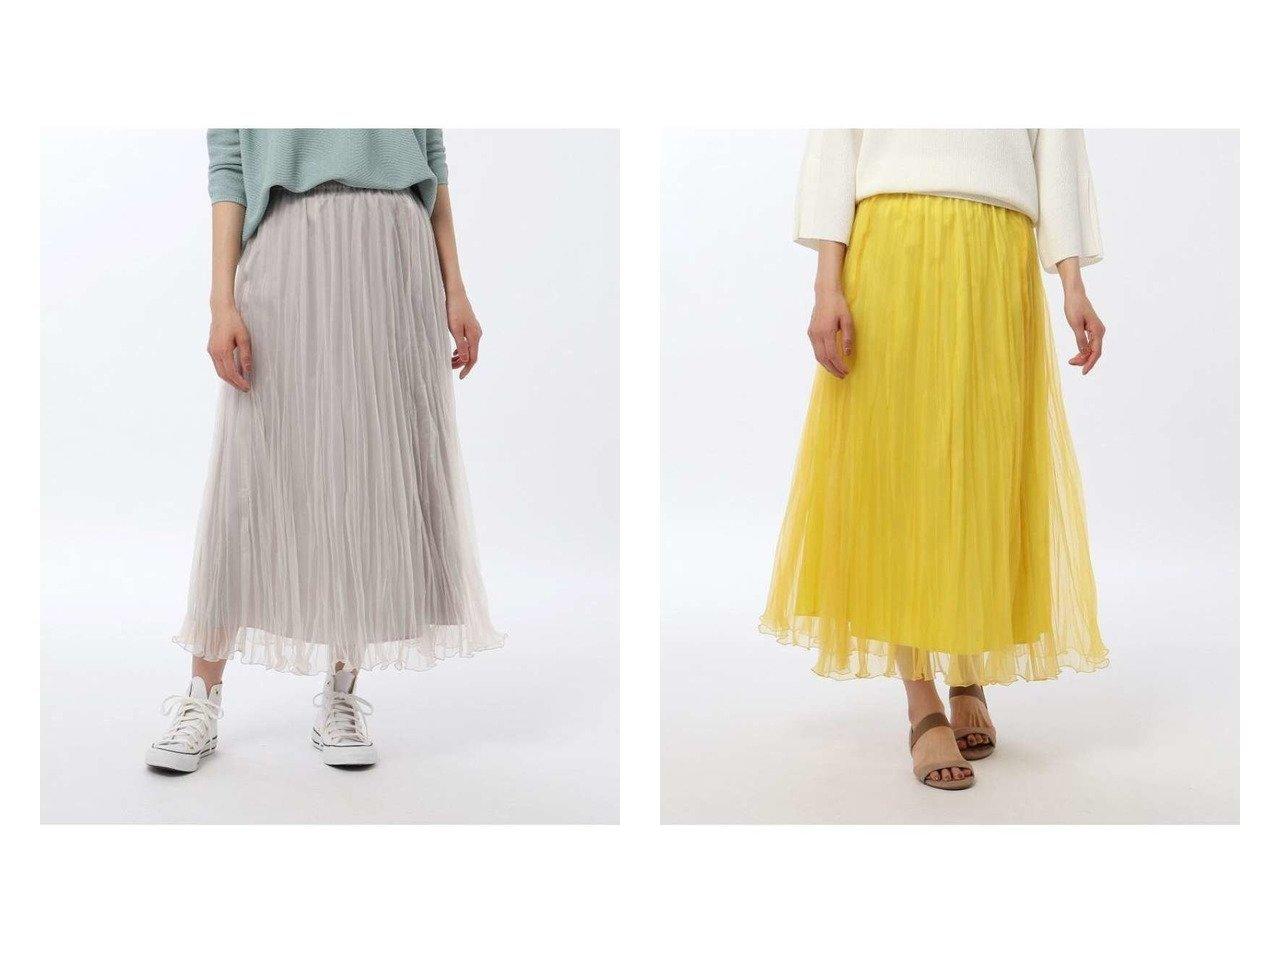 【UNTITLED/アンタイトル】のソフトオーガンジーワッシャースカート 【スカート】おすすめ!人気、トレンド・レディースファッションの通販 おすすめで人気の流行・トレンド、ファッションの通販商品 インテリア・家具・メンズファッション・キッズファッション・レディースファッション・服の通販 founy(ファニー) https://founy.com/ ファッション Fashion レディースファッション WOMEN スカート Skirt ロングスカート Long Skirt プリーツ マキシ ロング ワッシャー |ID:crp329100000045124